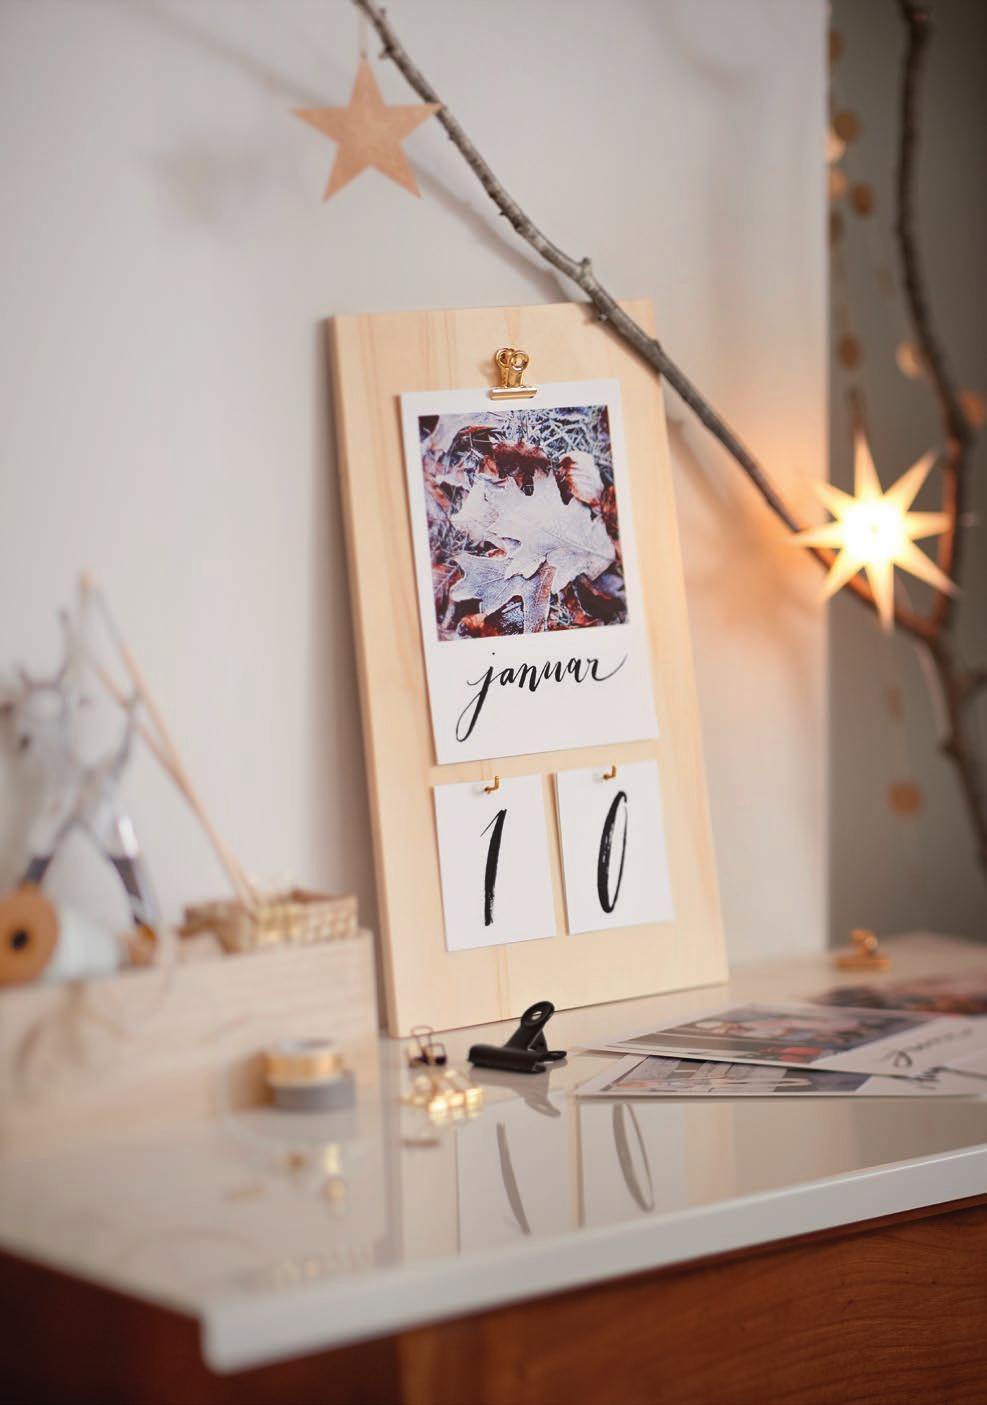 Ausmalbilder 3 Jährige Kostenlos Genial Kalender Basteln Rossmann Sammlung